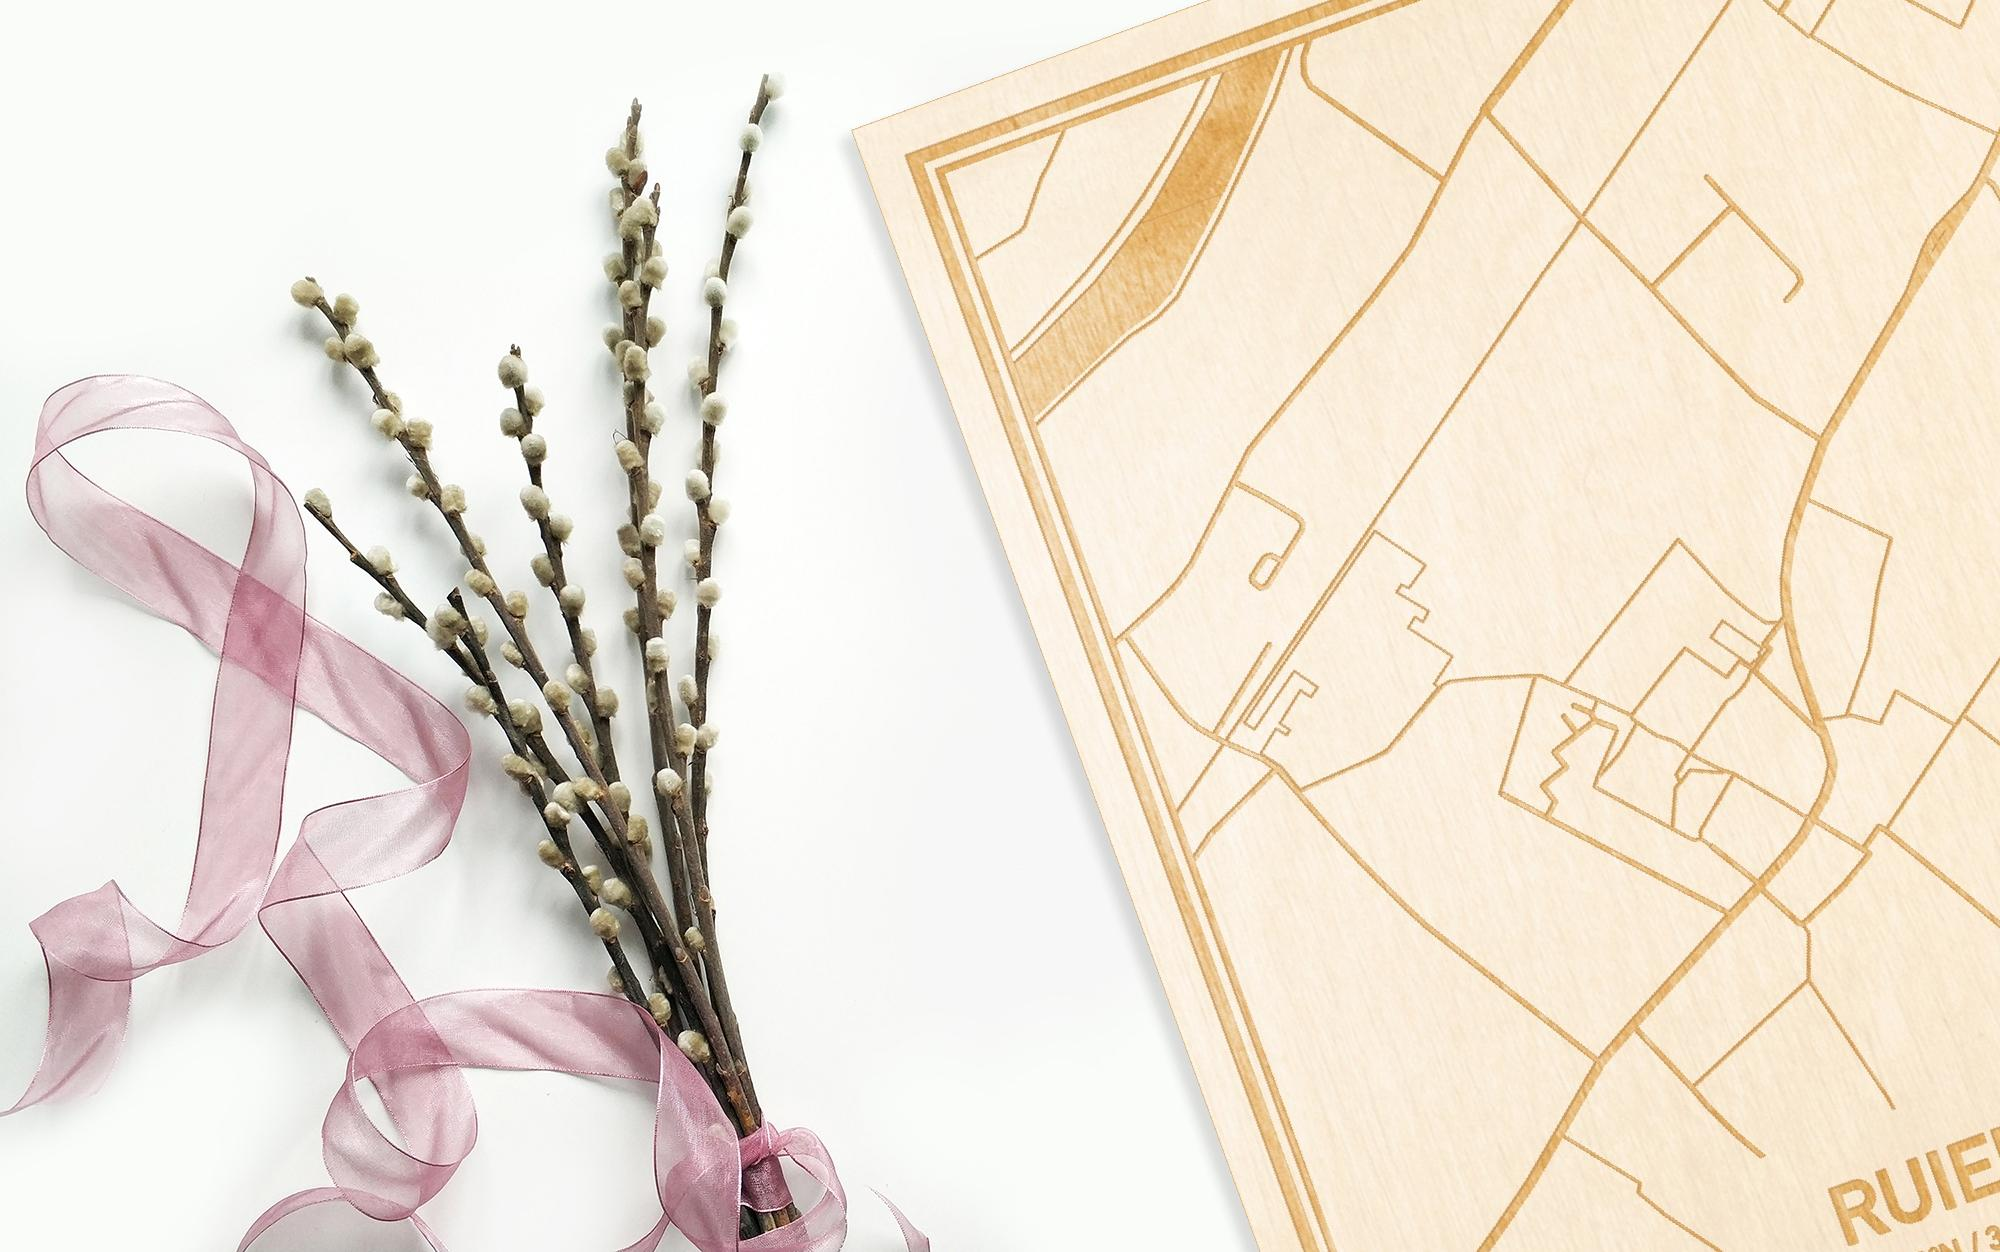 Hier ligt de houten plattegrond Ruien naast een bloemetje als gepersonaliseerd cadeau voor haar.